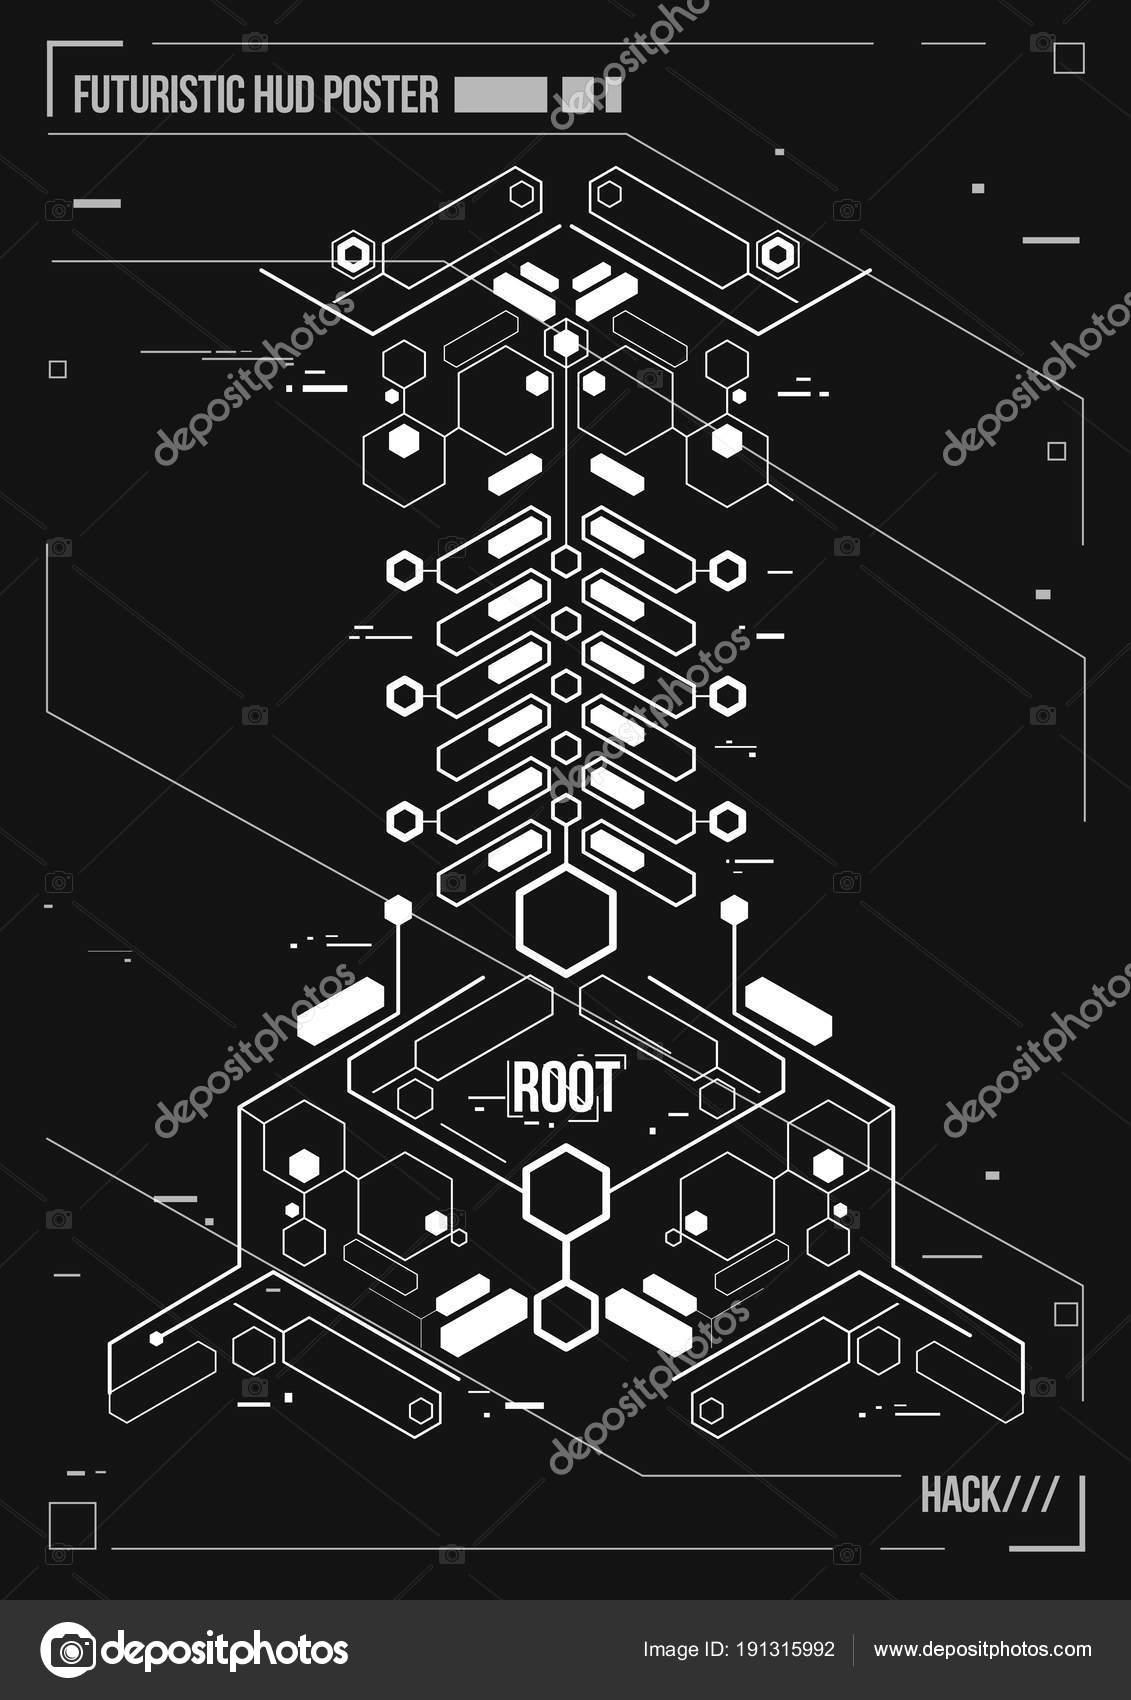 cartel futurista cyberpunk plantilla retro cartel